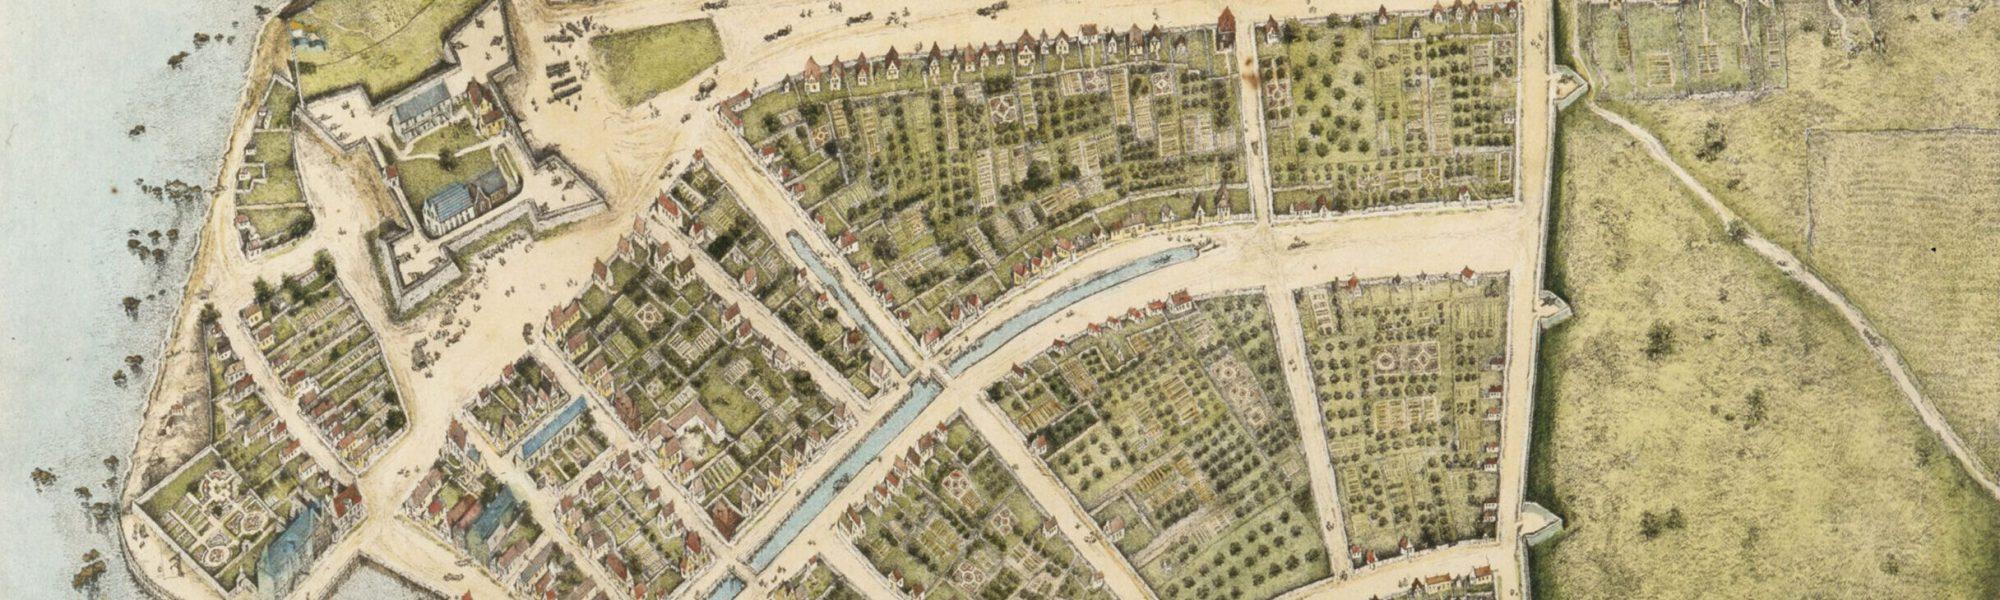 Kopie van Castello Plan, naar origineel uit 1660